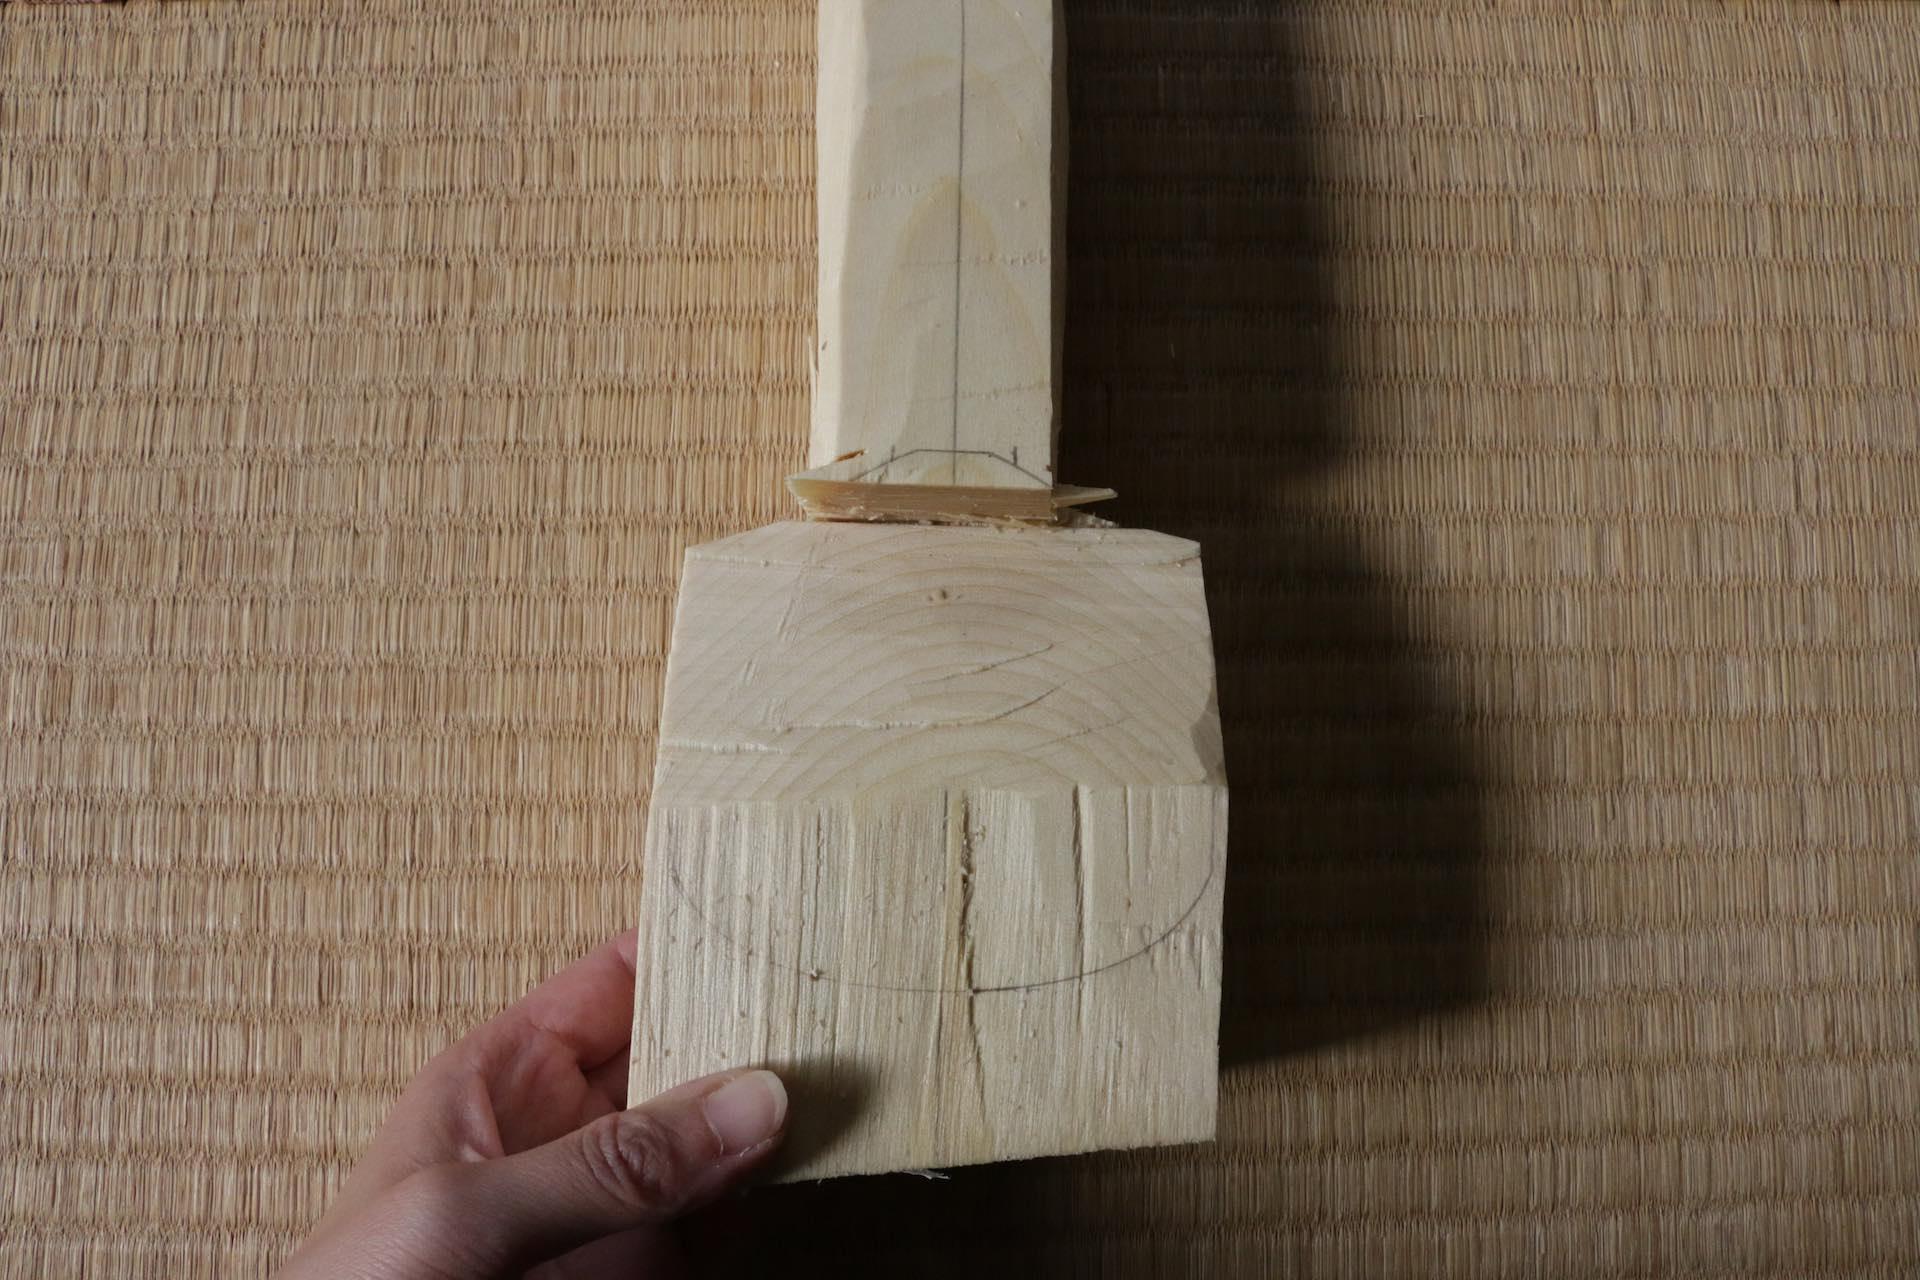 すくいの部分にきれいな木目が来るよう計算して切り出されています